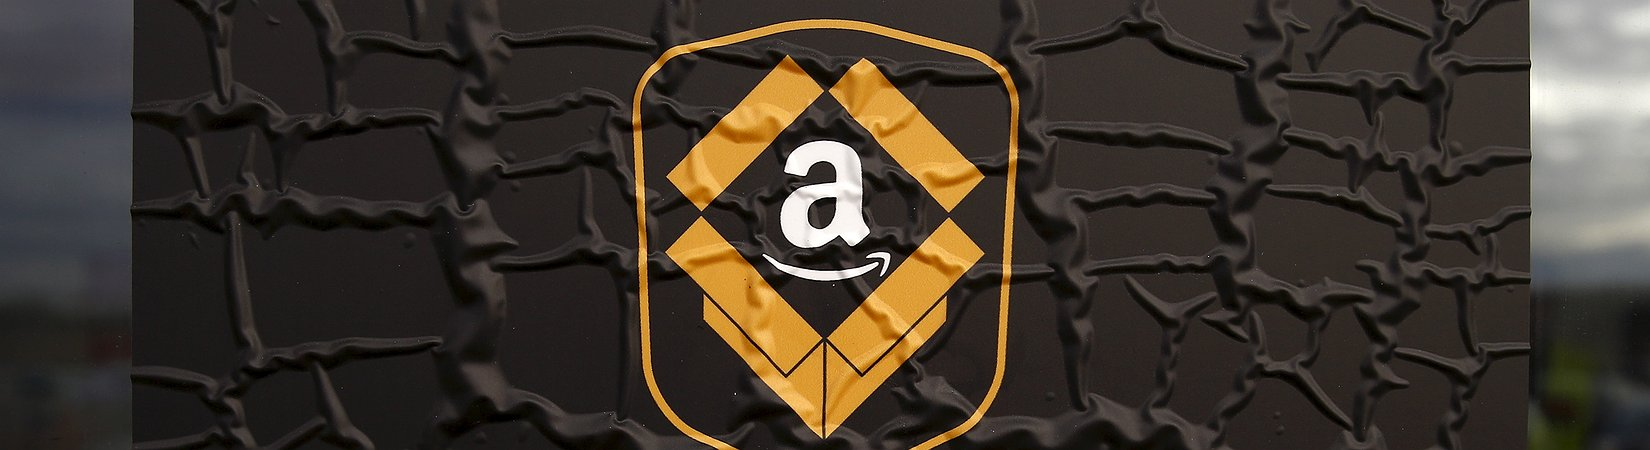 ¿Qué podemos esperar del informe de resultados de Amazon?